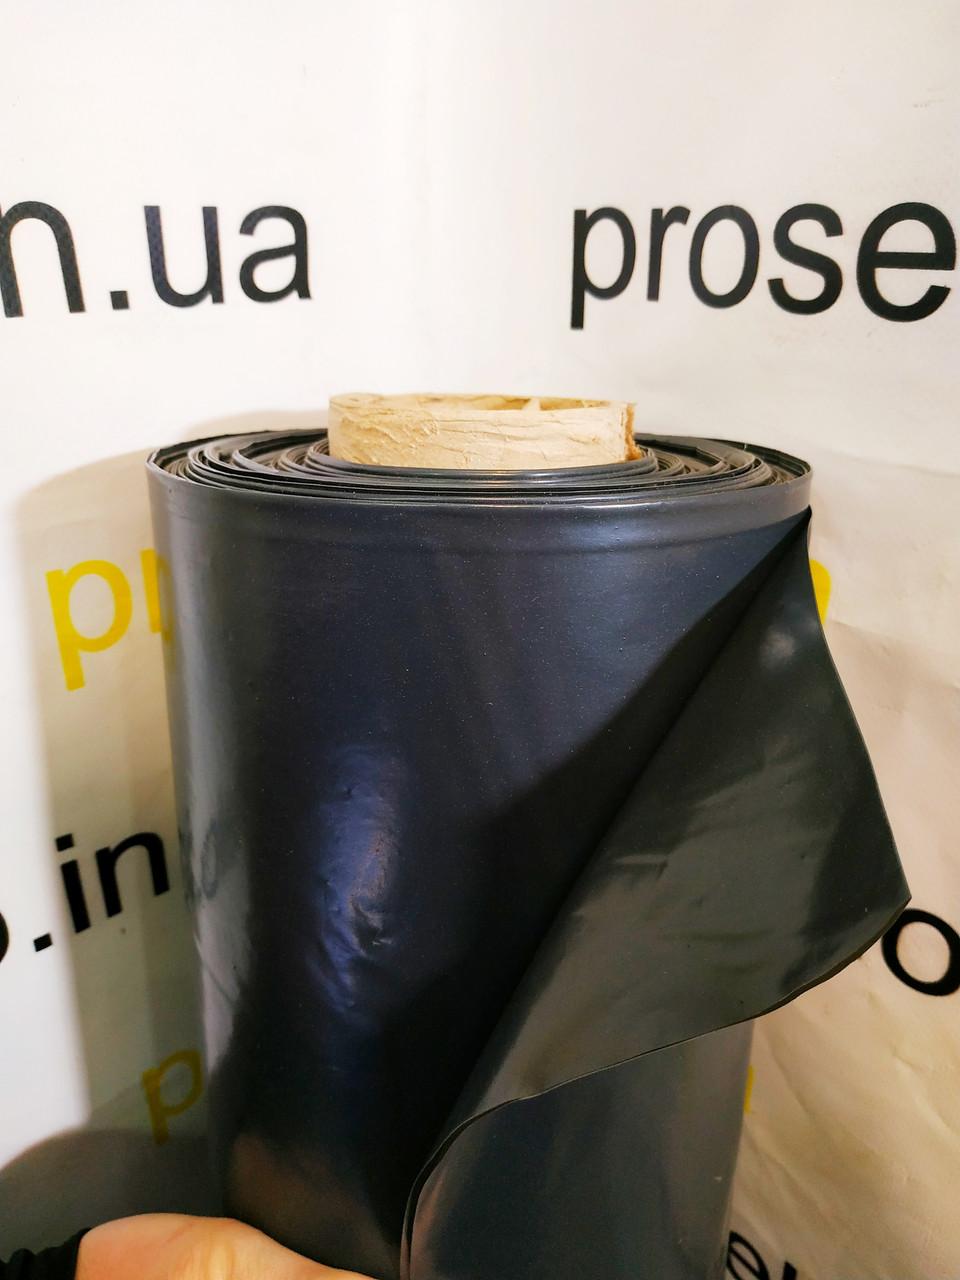 Пленка черная 60 мкм плотность. 3м. х 100м рулон. Строительная, для мульчирования